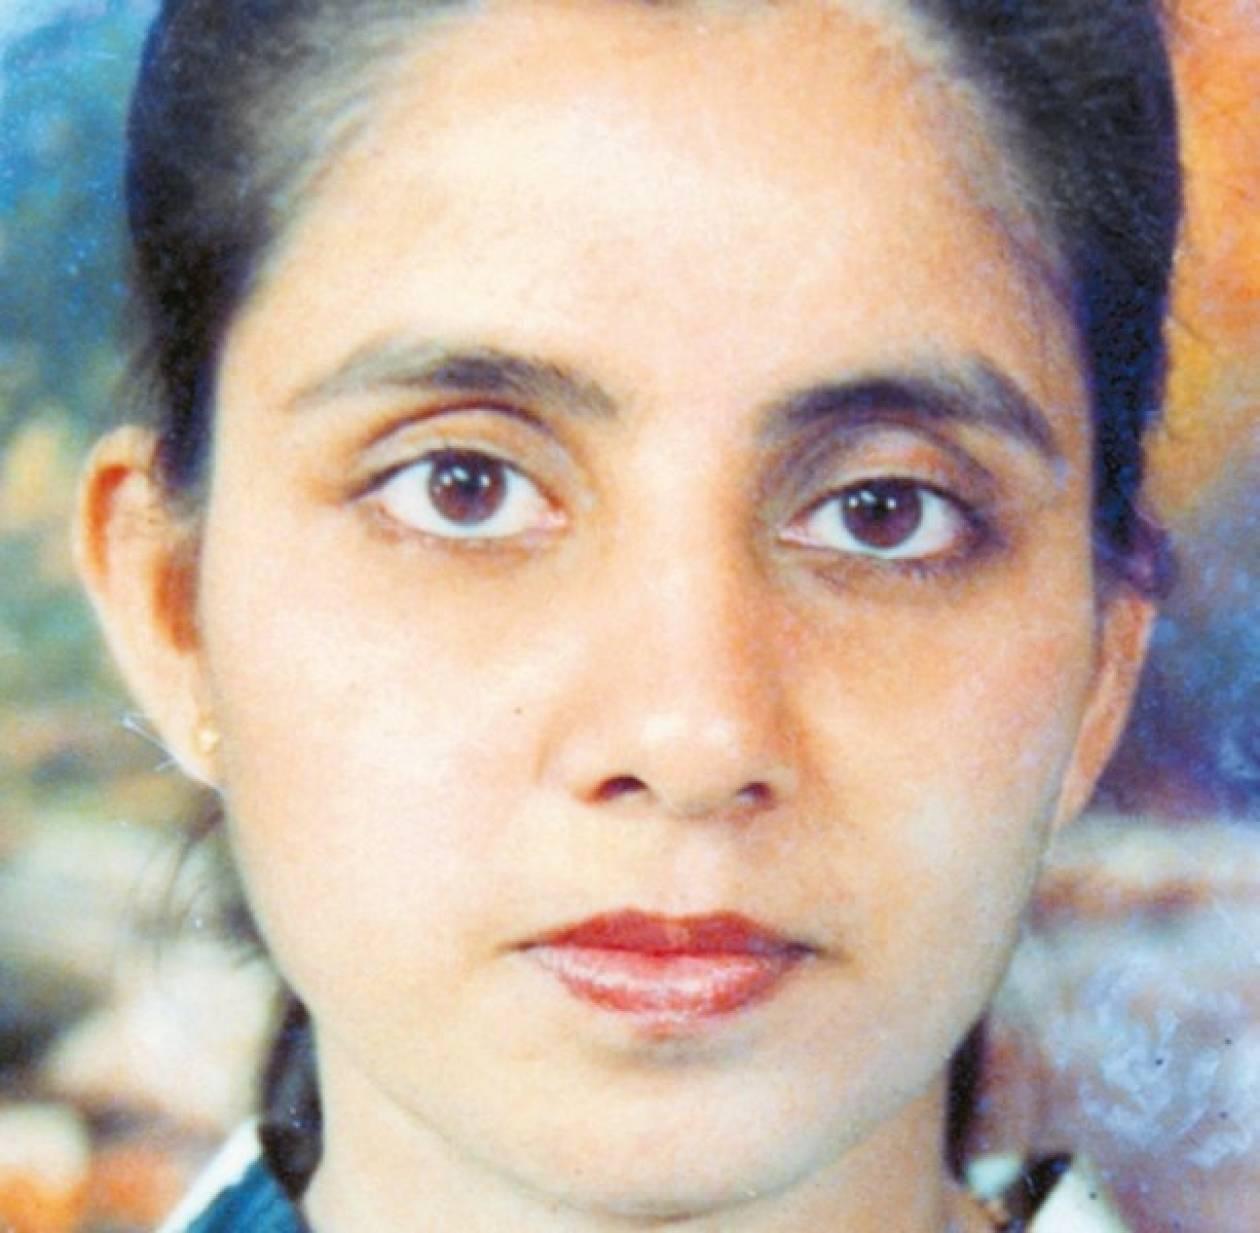 30 χρονών γυναίκα που χρονολογείται 25 χρονών